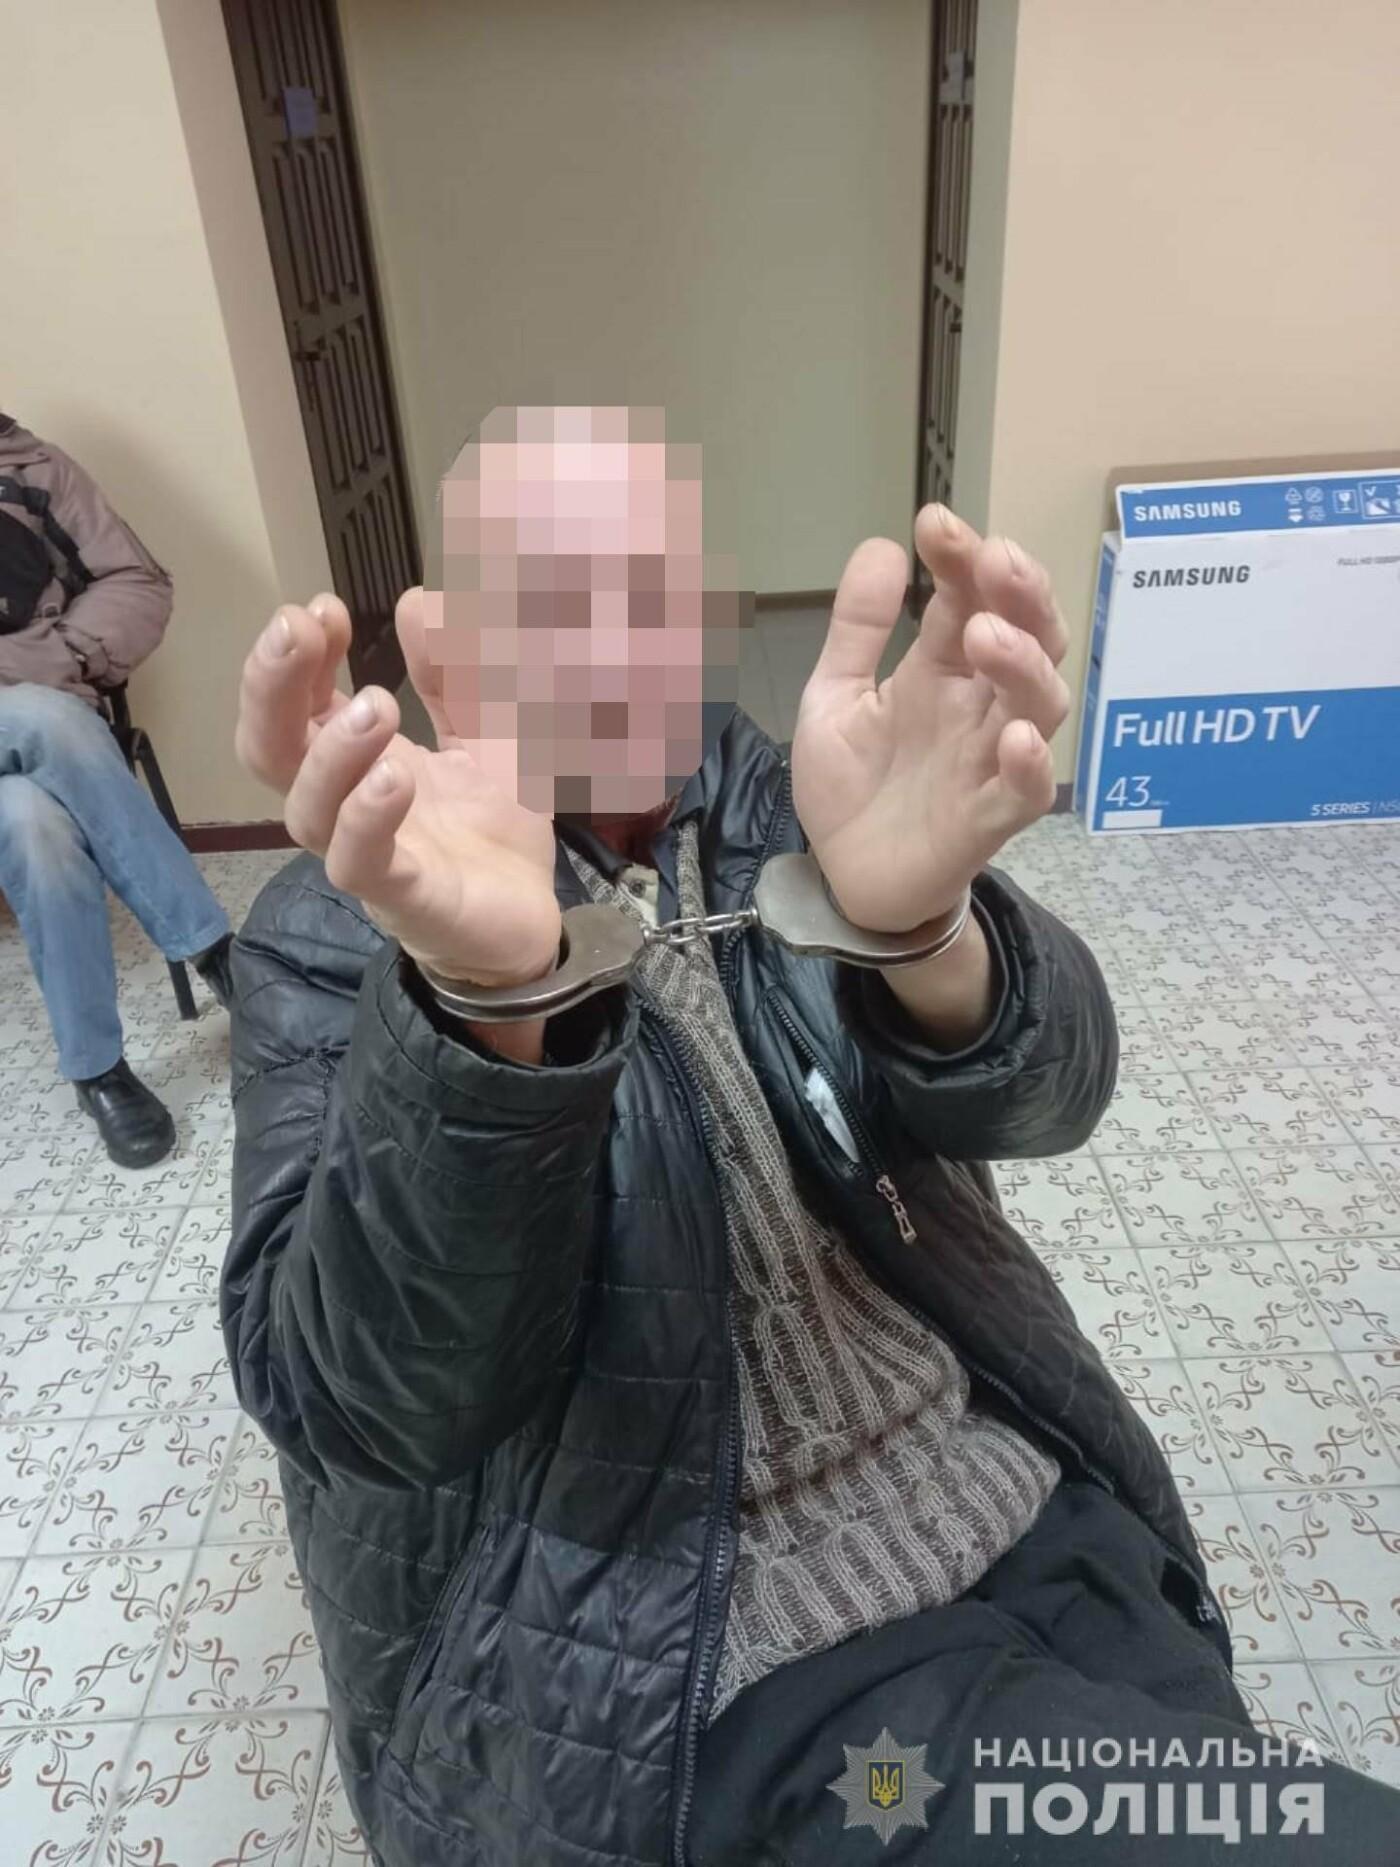 Проникли в квартиру, угрожали ножом и требовали деньги: под Харьковом двое мужчин ограбили односельчанина, - ФОТО, фото-1